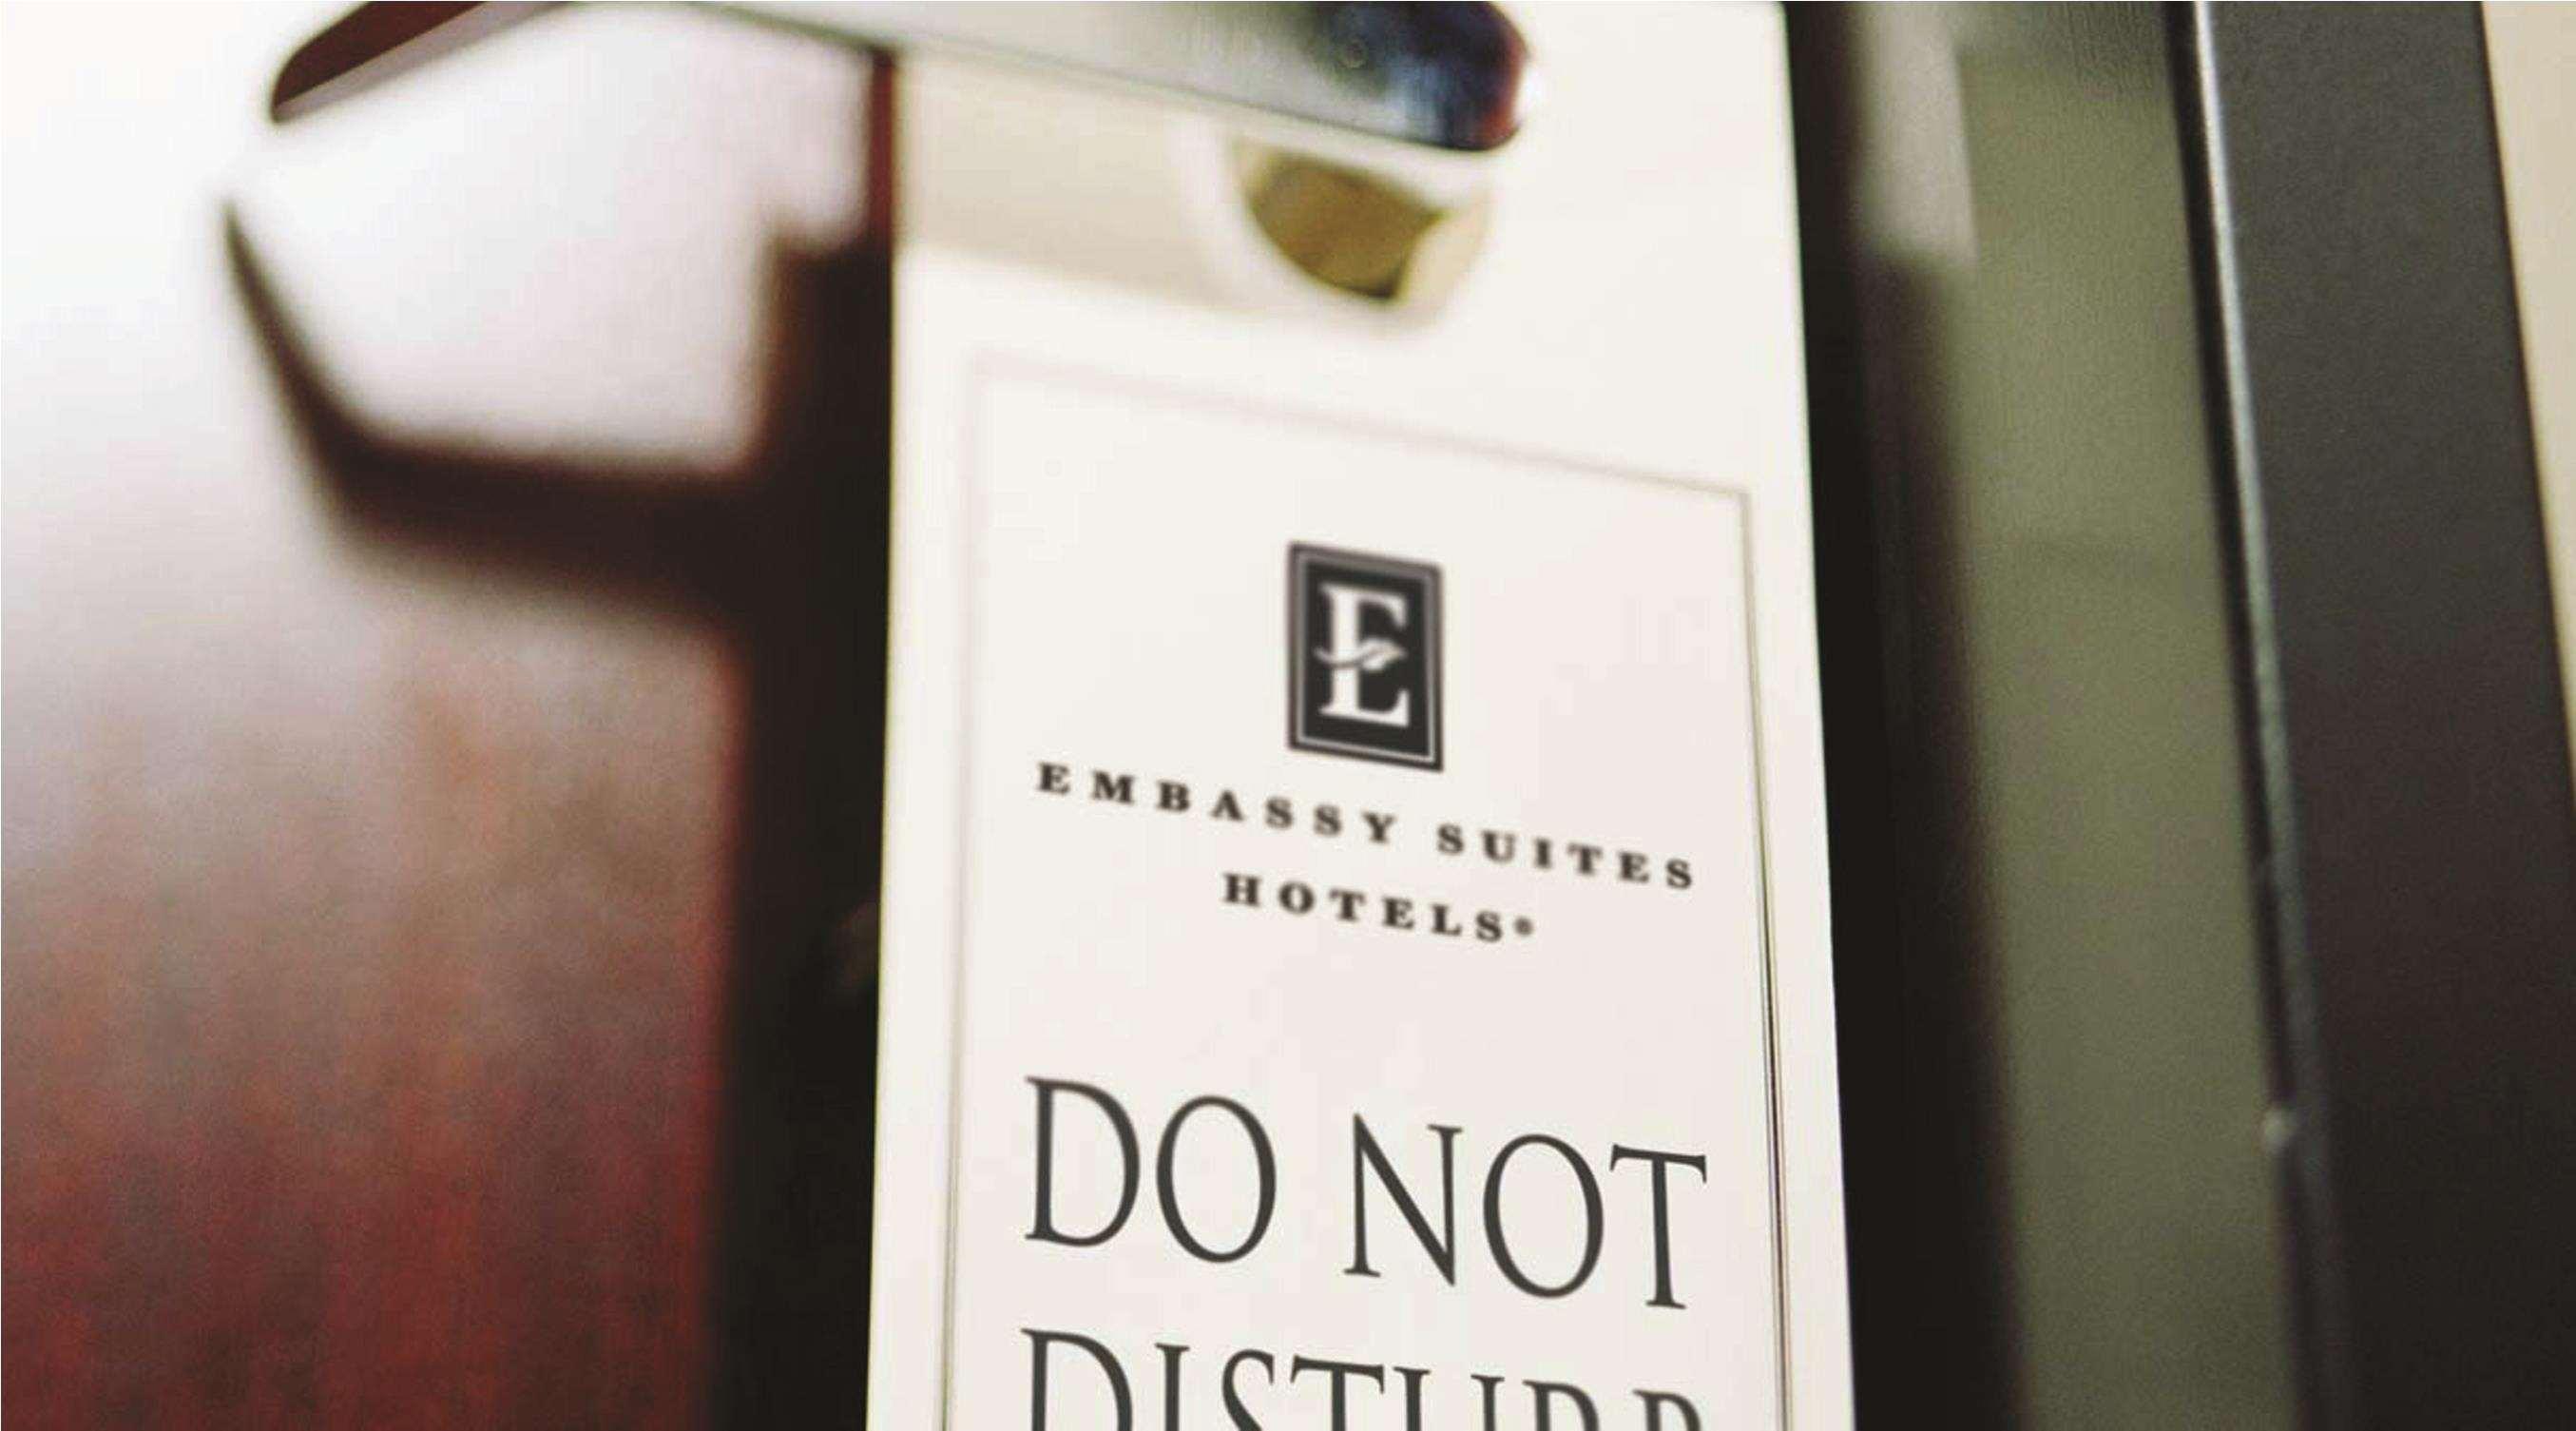 Embassy Suites by Hilton Nashville at Vanderbilt image 42